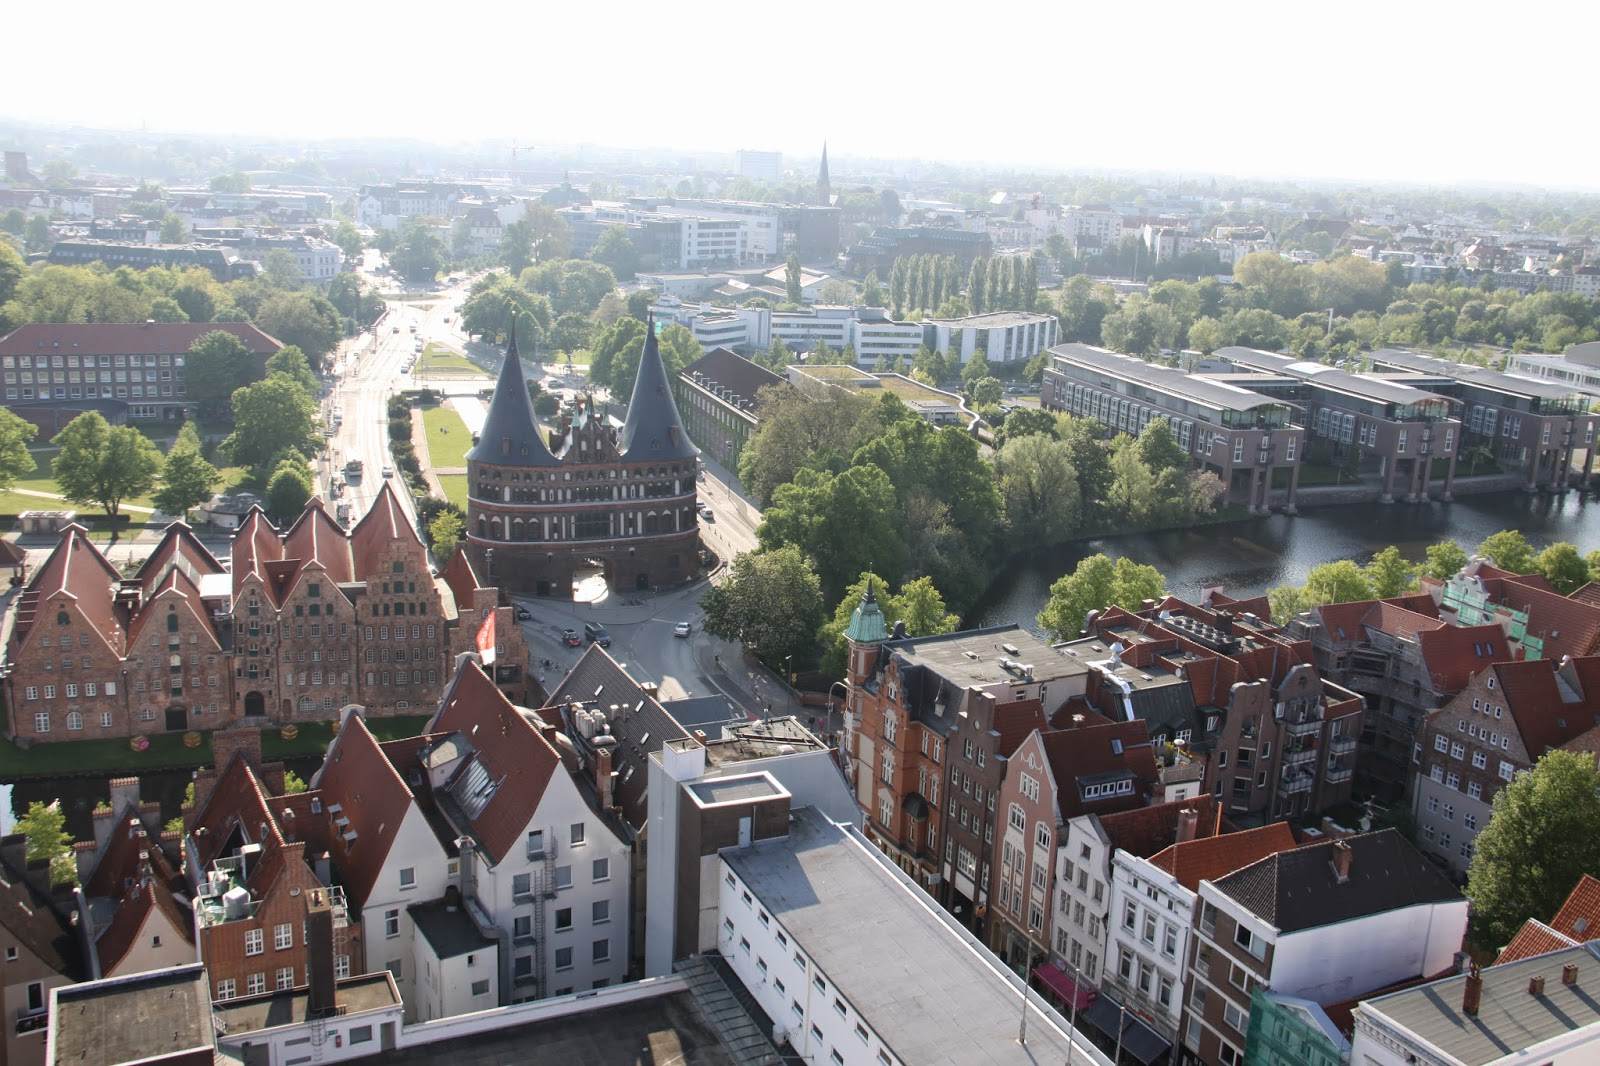 Gründerviertel Lübeck neuer wtu wing tsun universe lübeck die schöne hansestadt